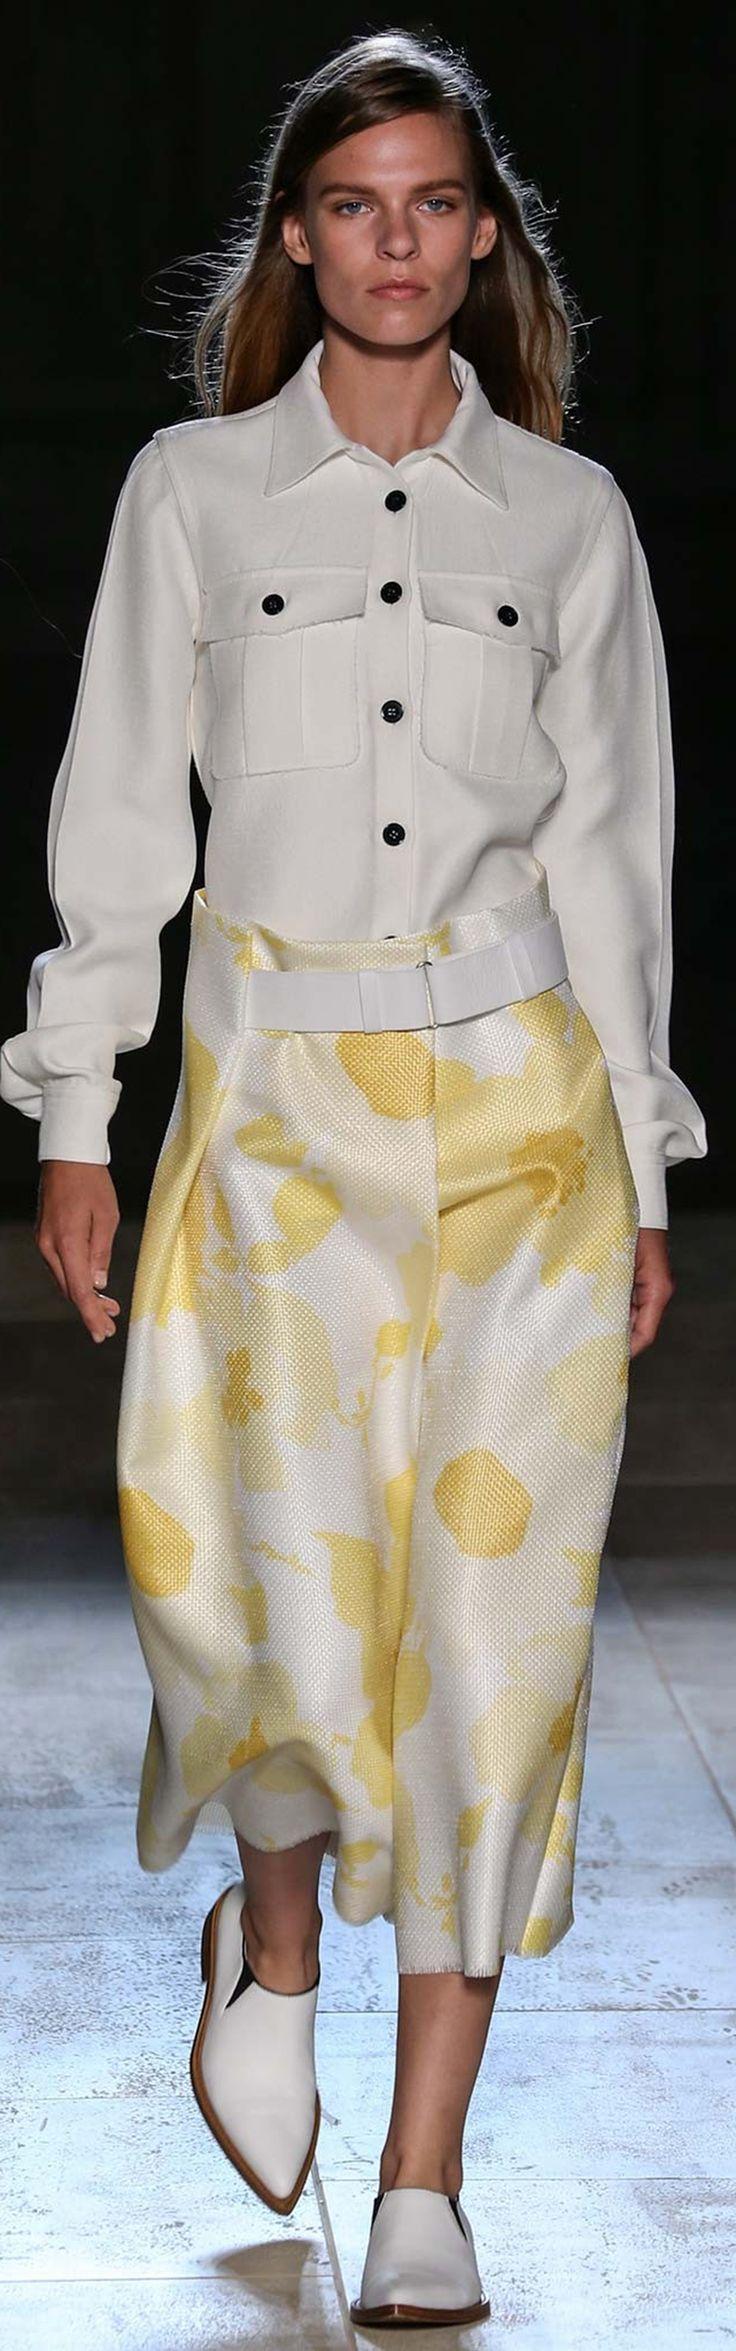 Victoria Beckham spring/summer 2015 collection – New York fashion week